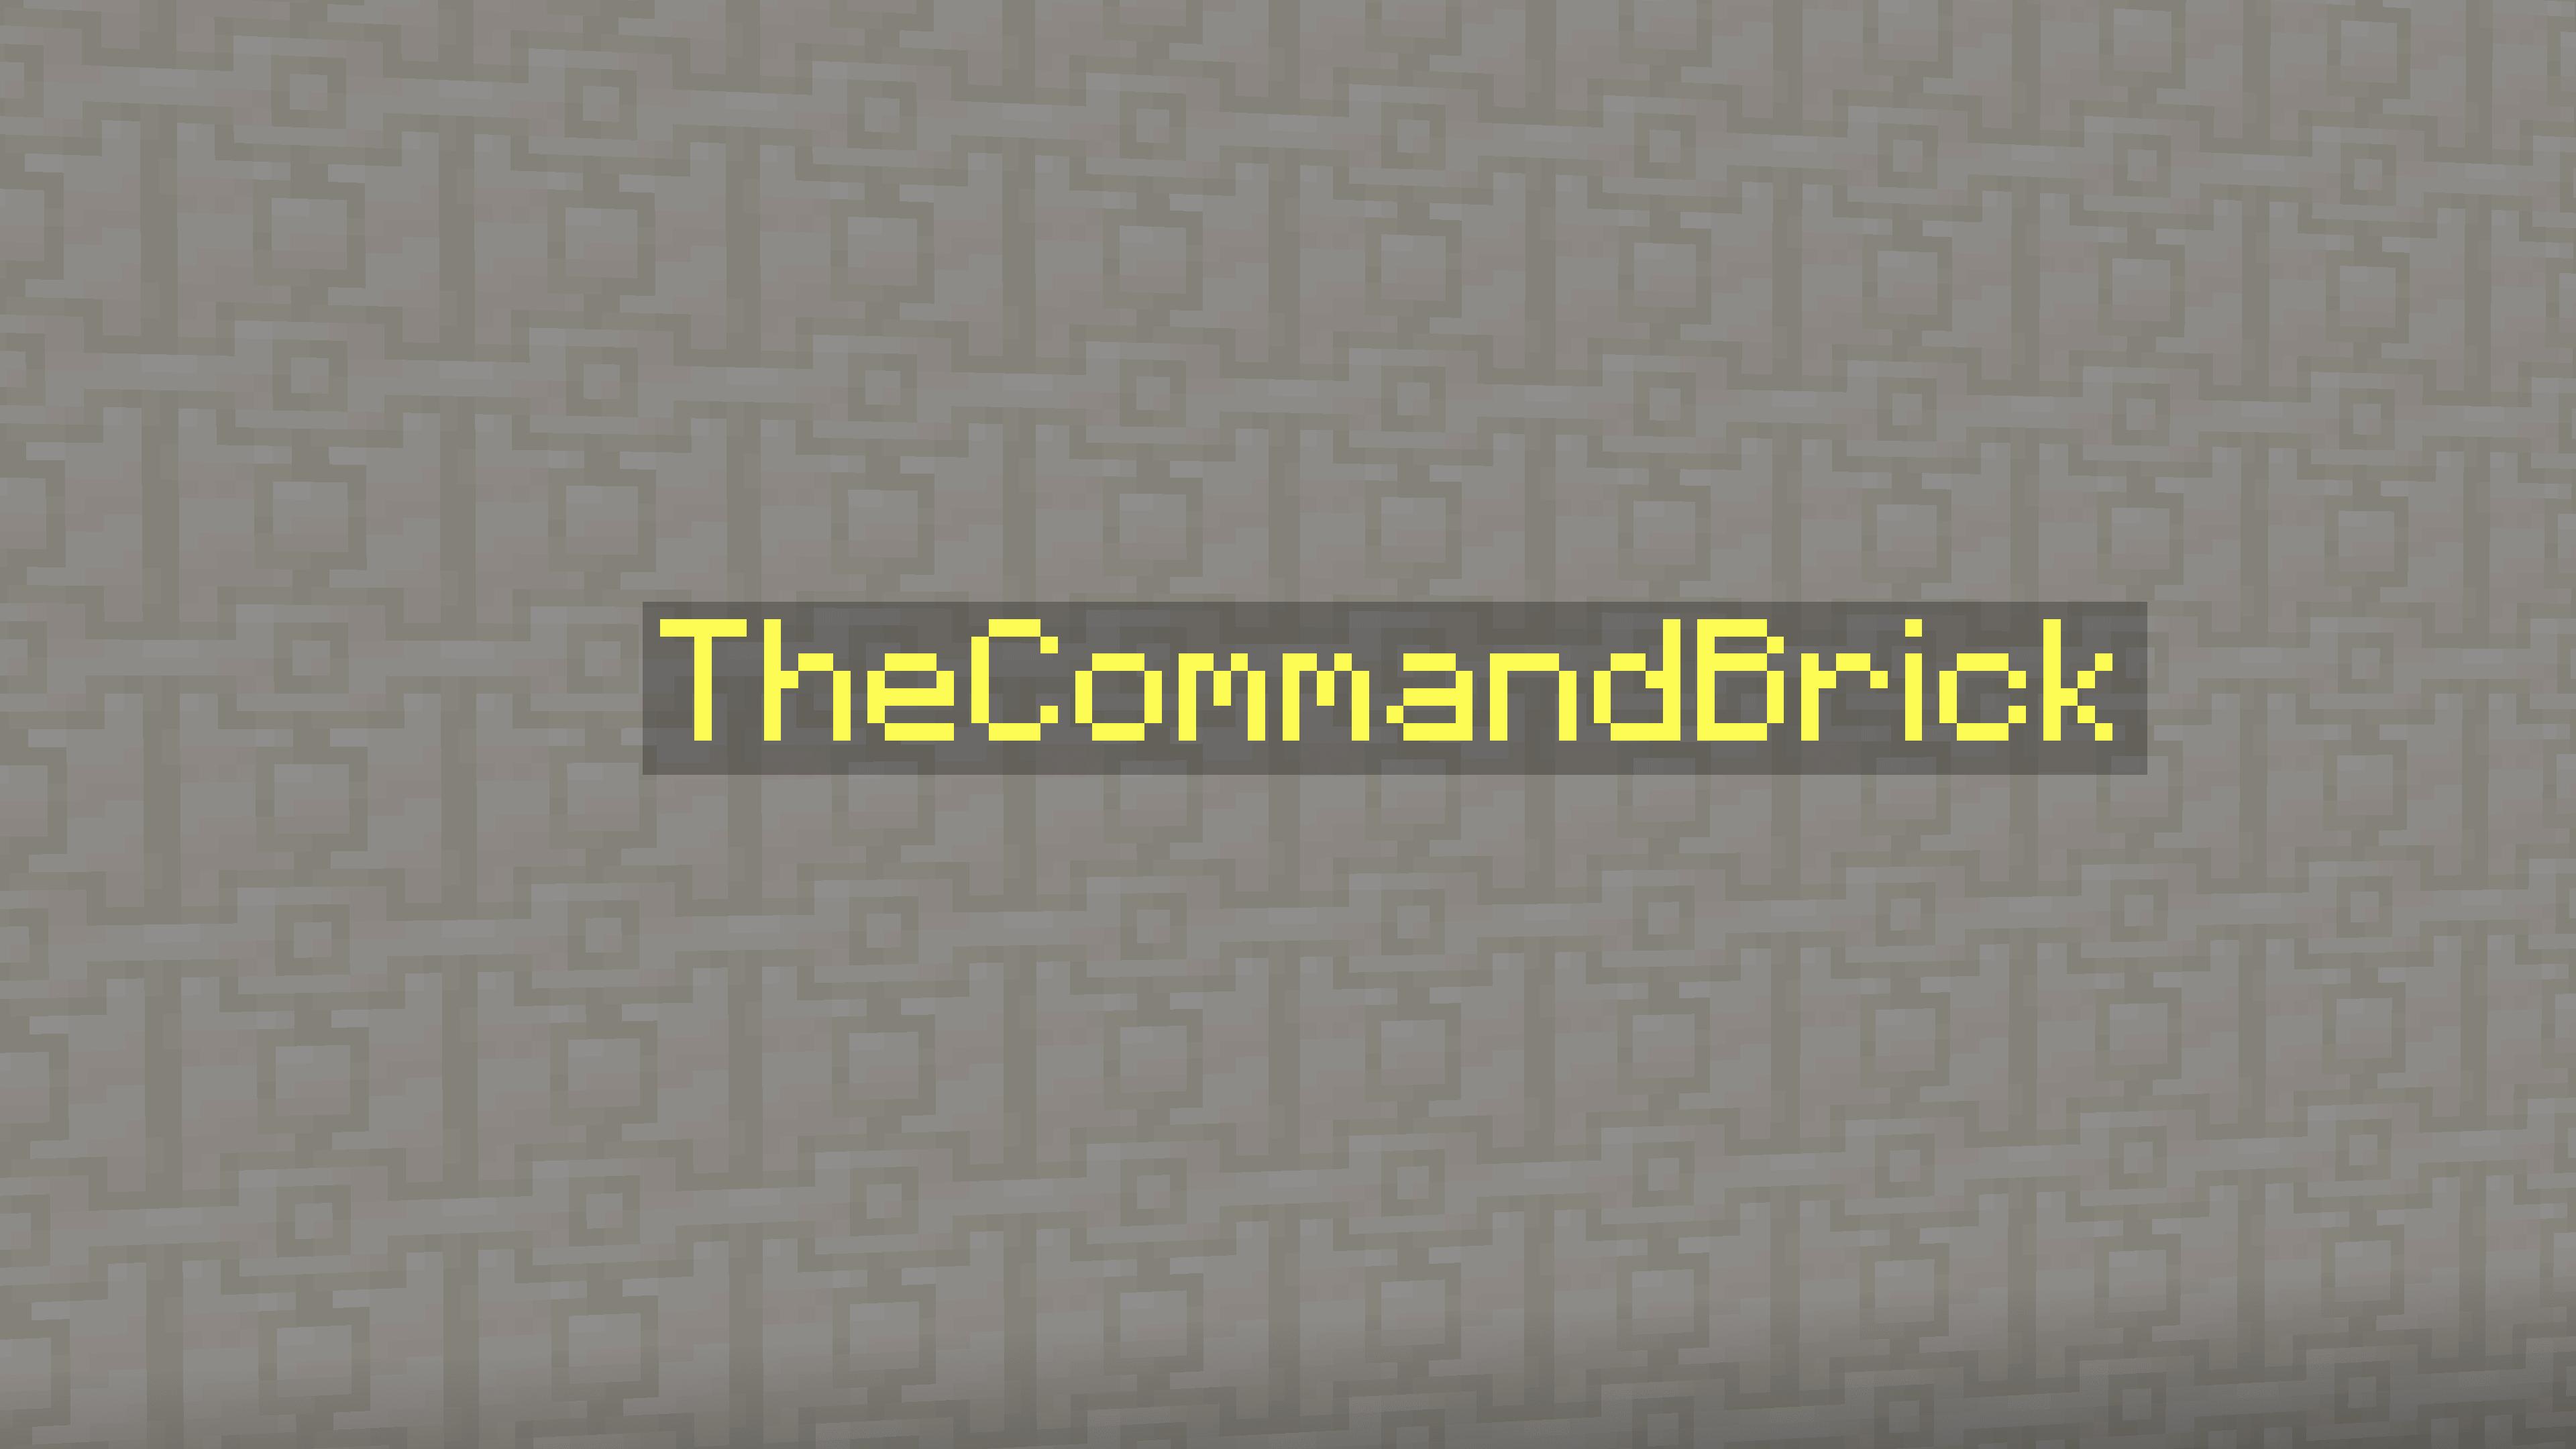 Questo è ciò a cui arriveremo. Preparatevi a fare le scritte fluttuanti su Minecraft! Come sui server.